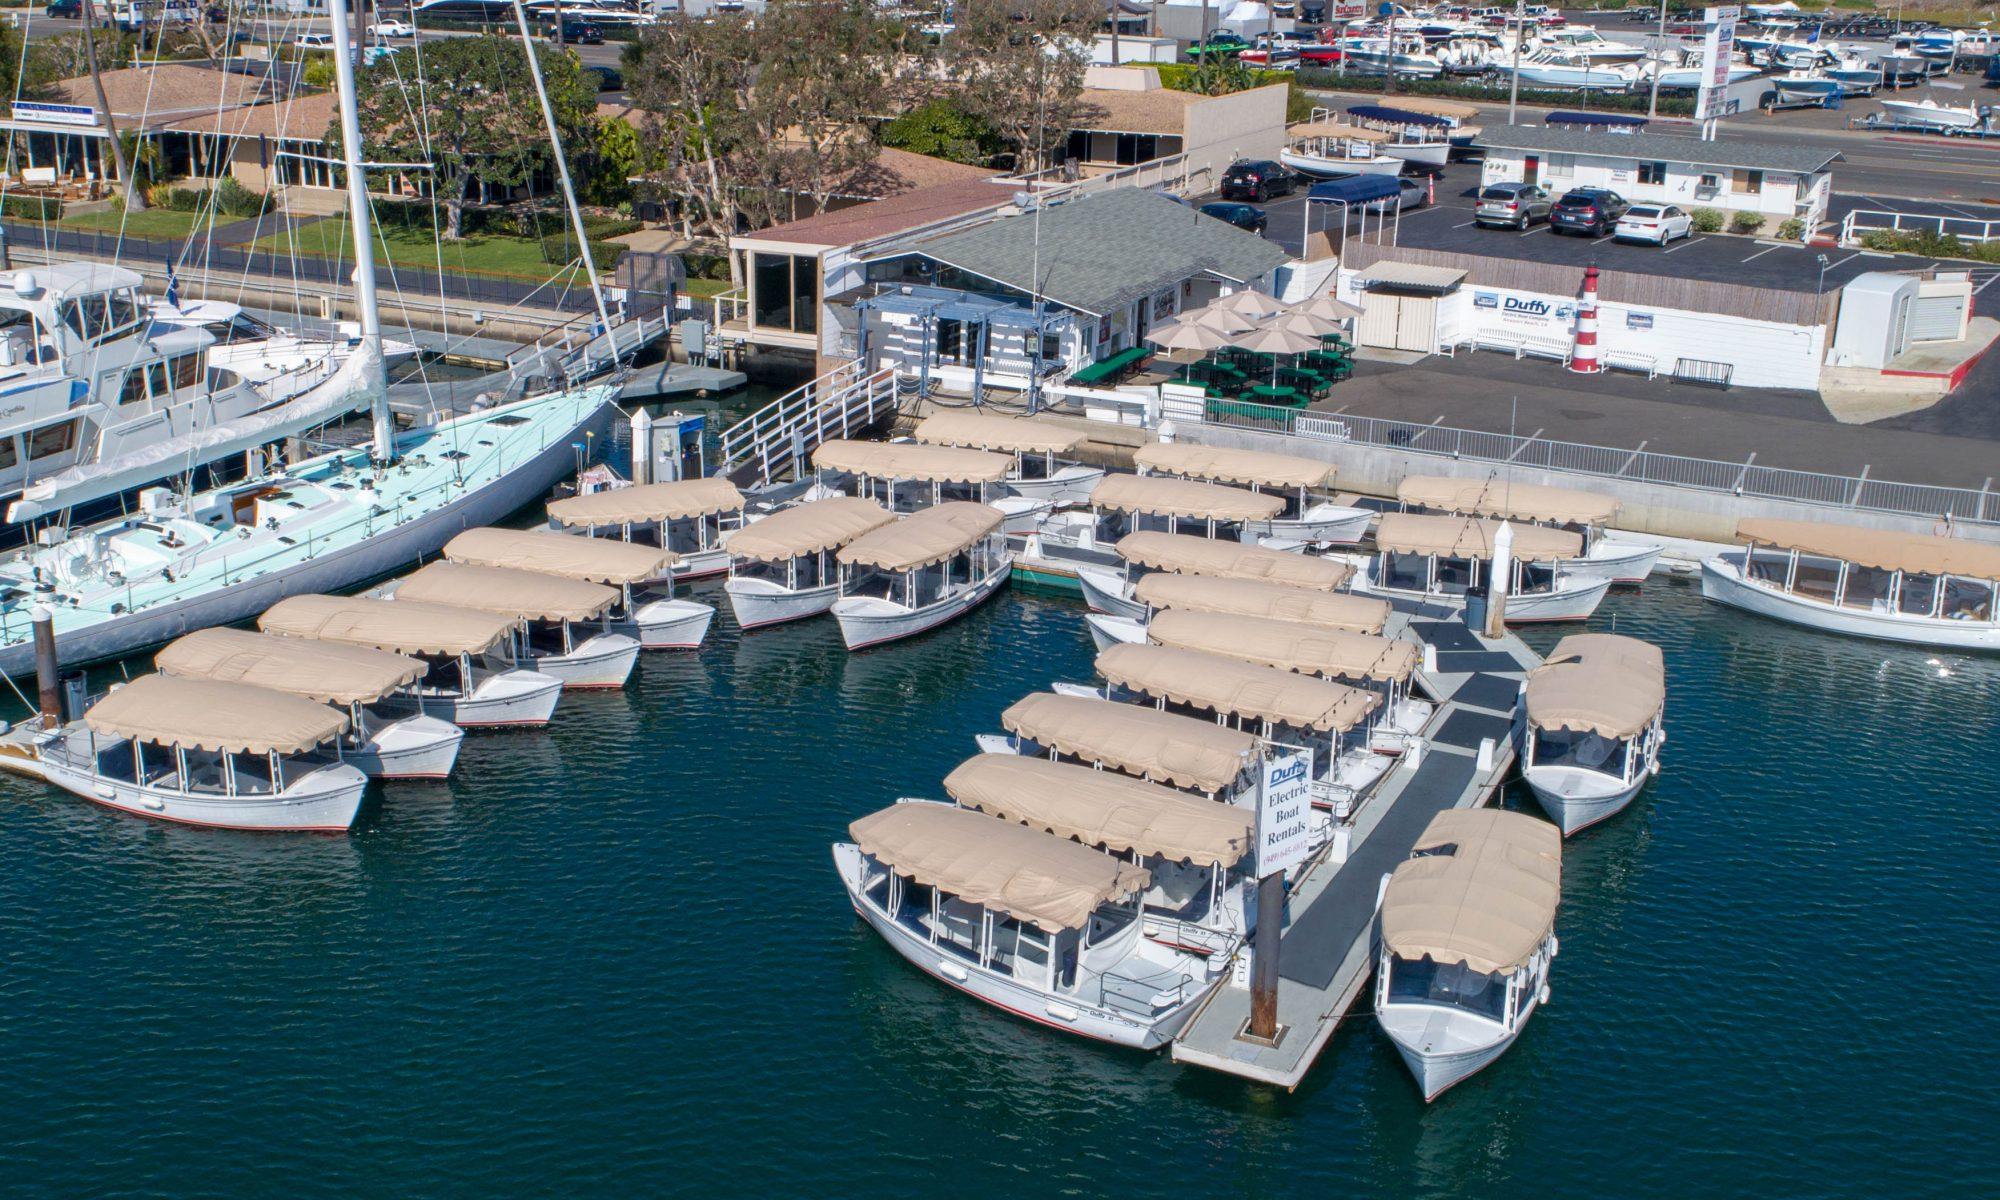 duffy electric boats rental site in Newport Beach, CA